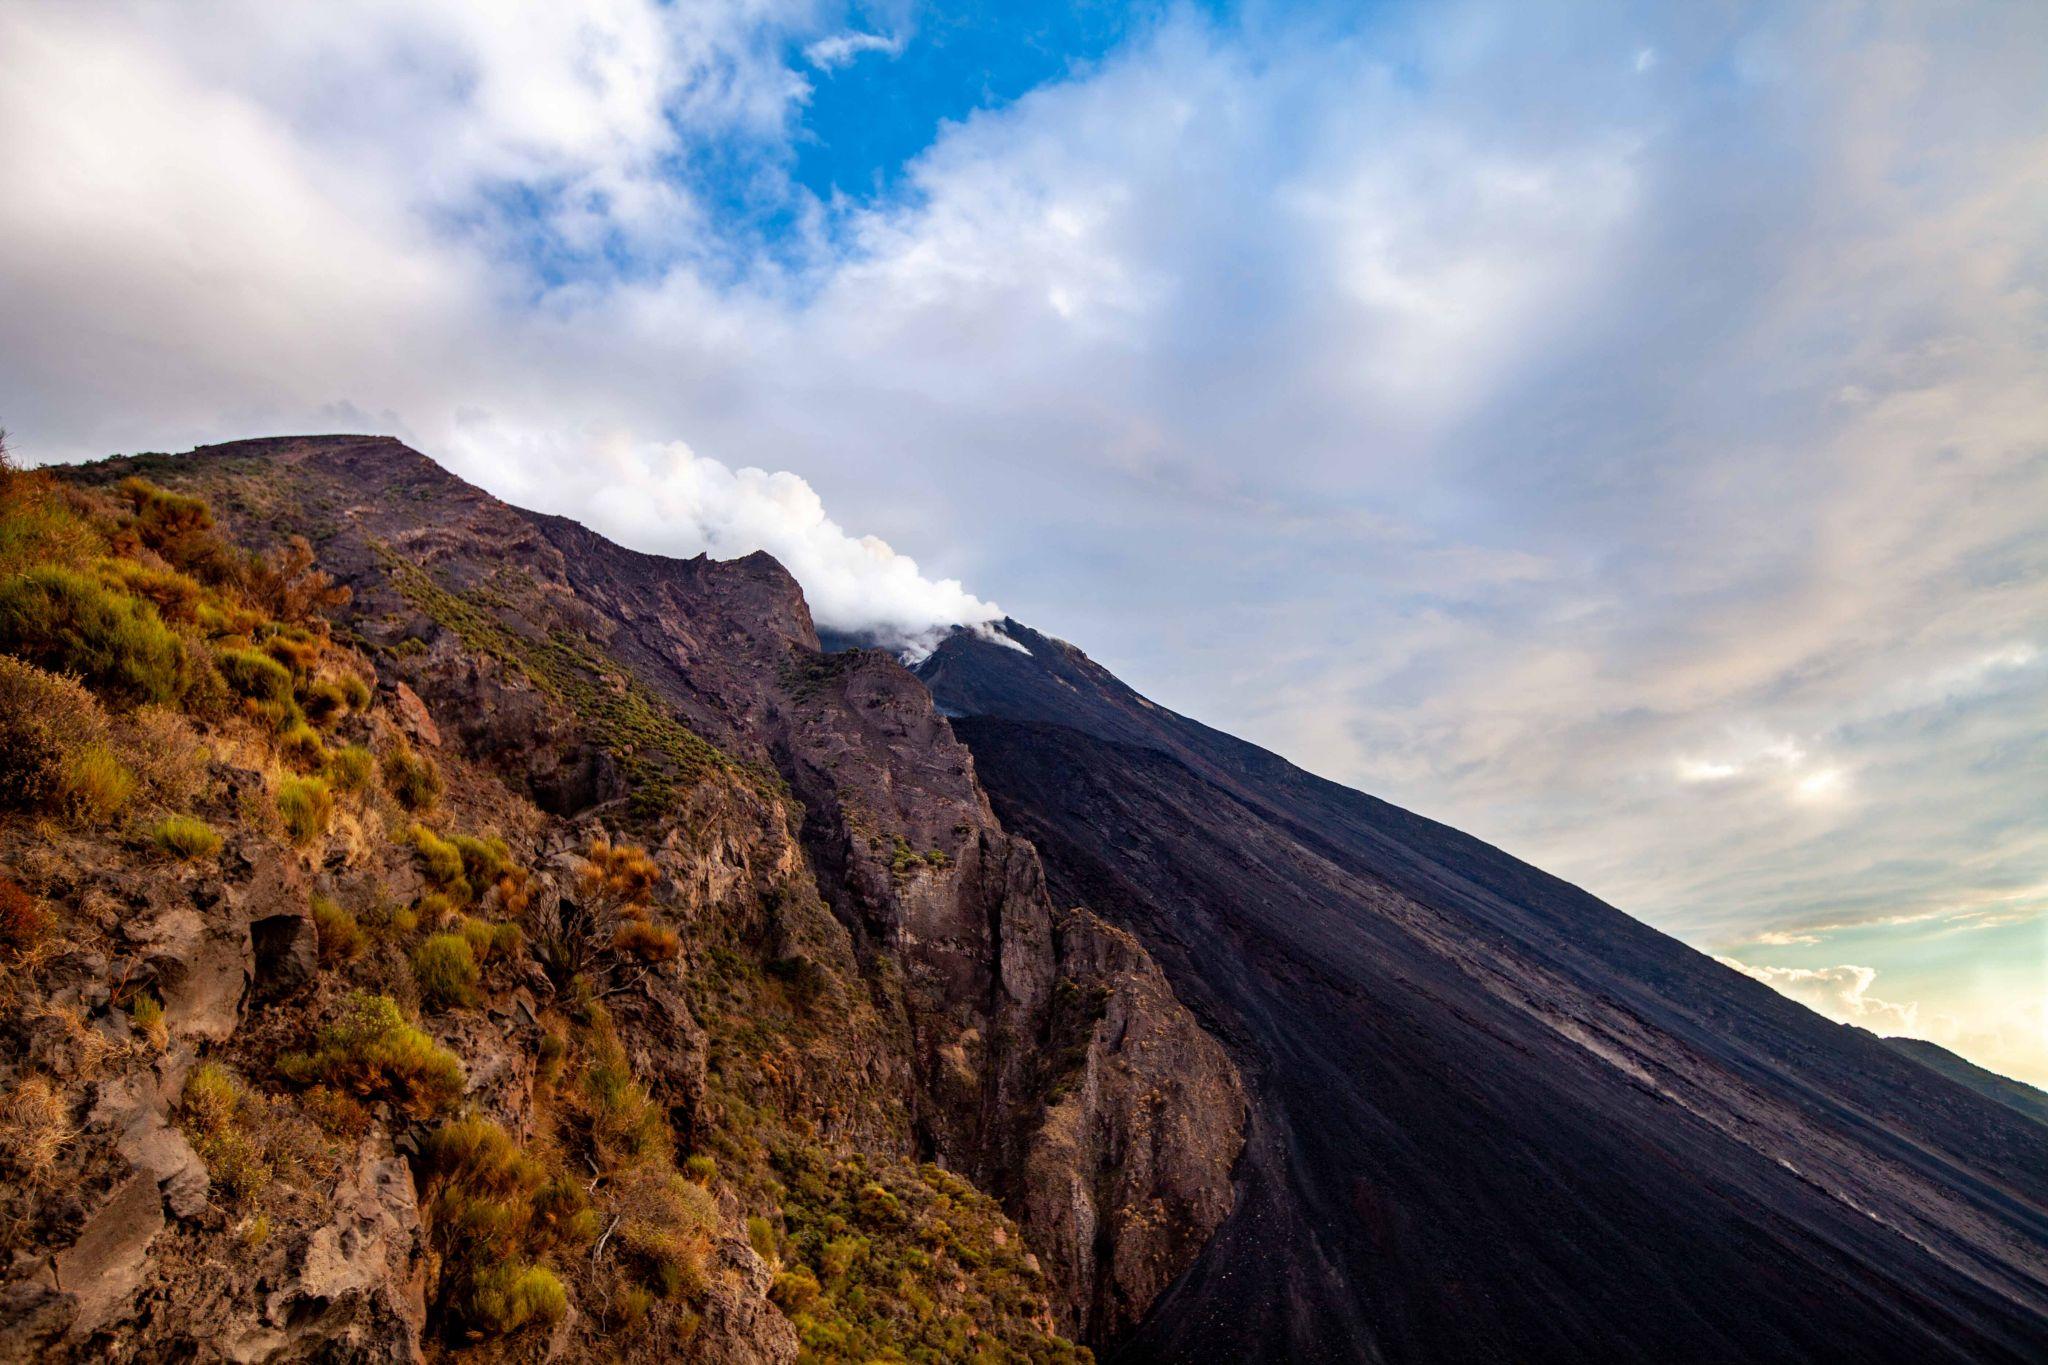 Stromboli Volcano smoking, Aeolian Islands, Italy